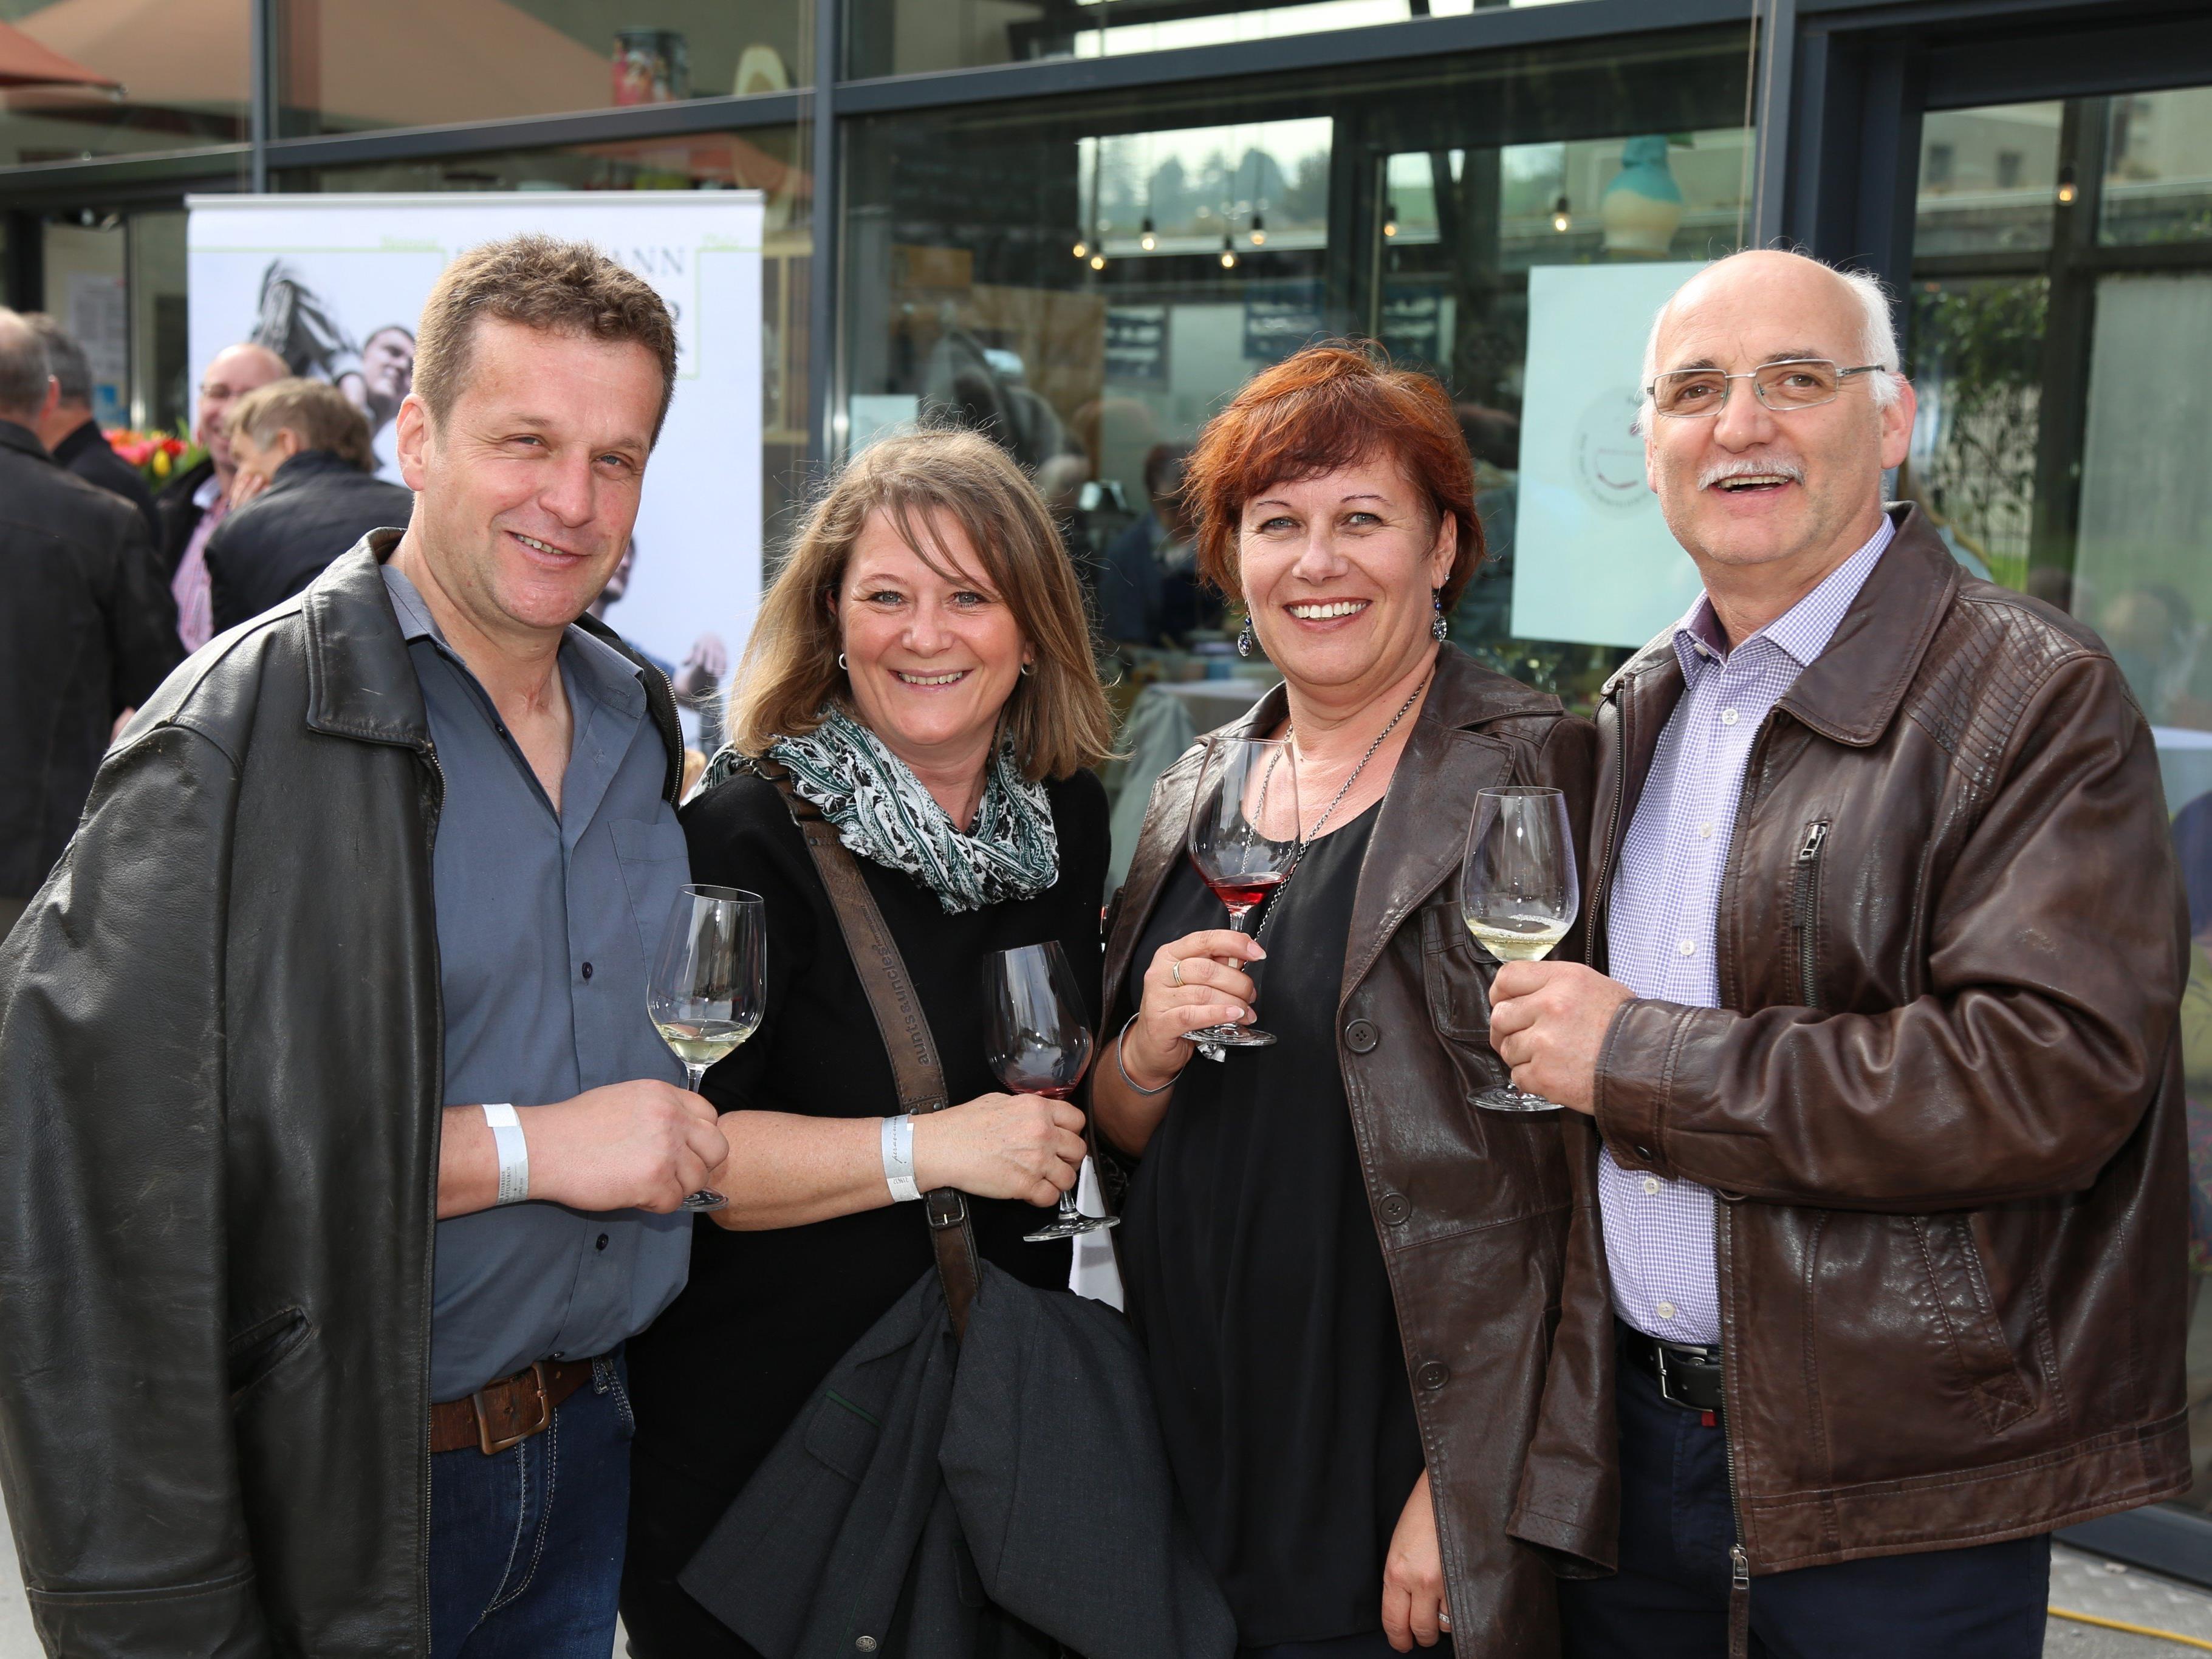 Harry, Andrea Michaela und Erhard genossen die Weinreise durch Feldkirch.